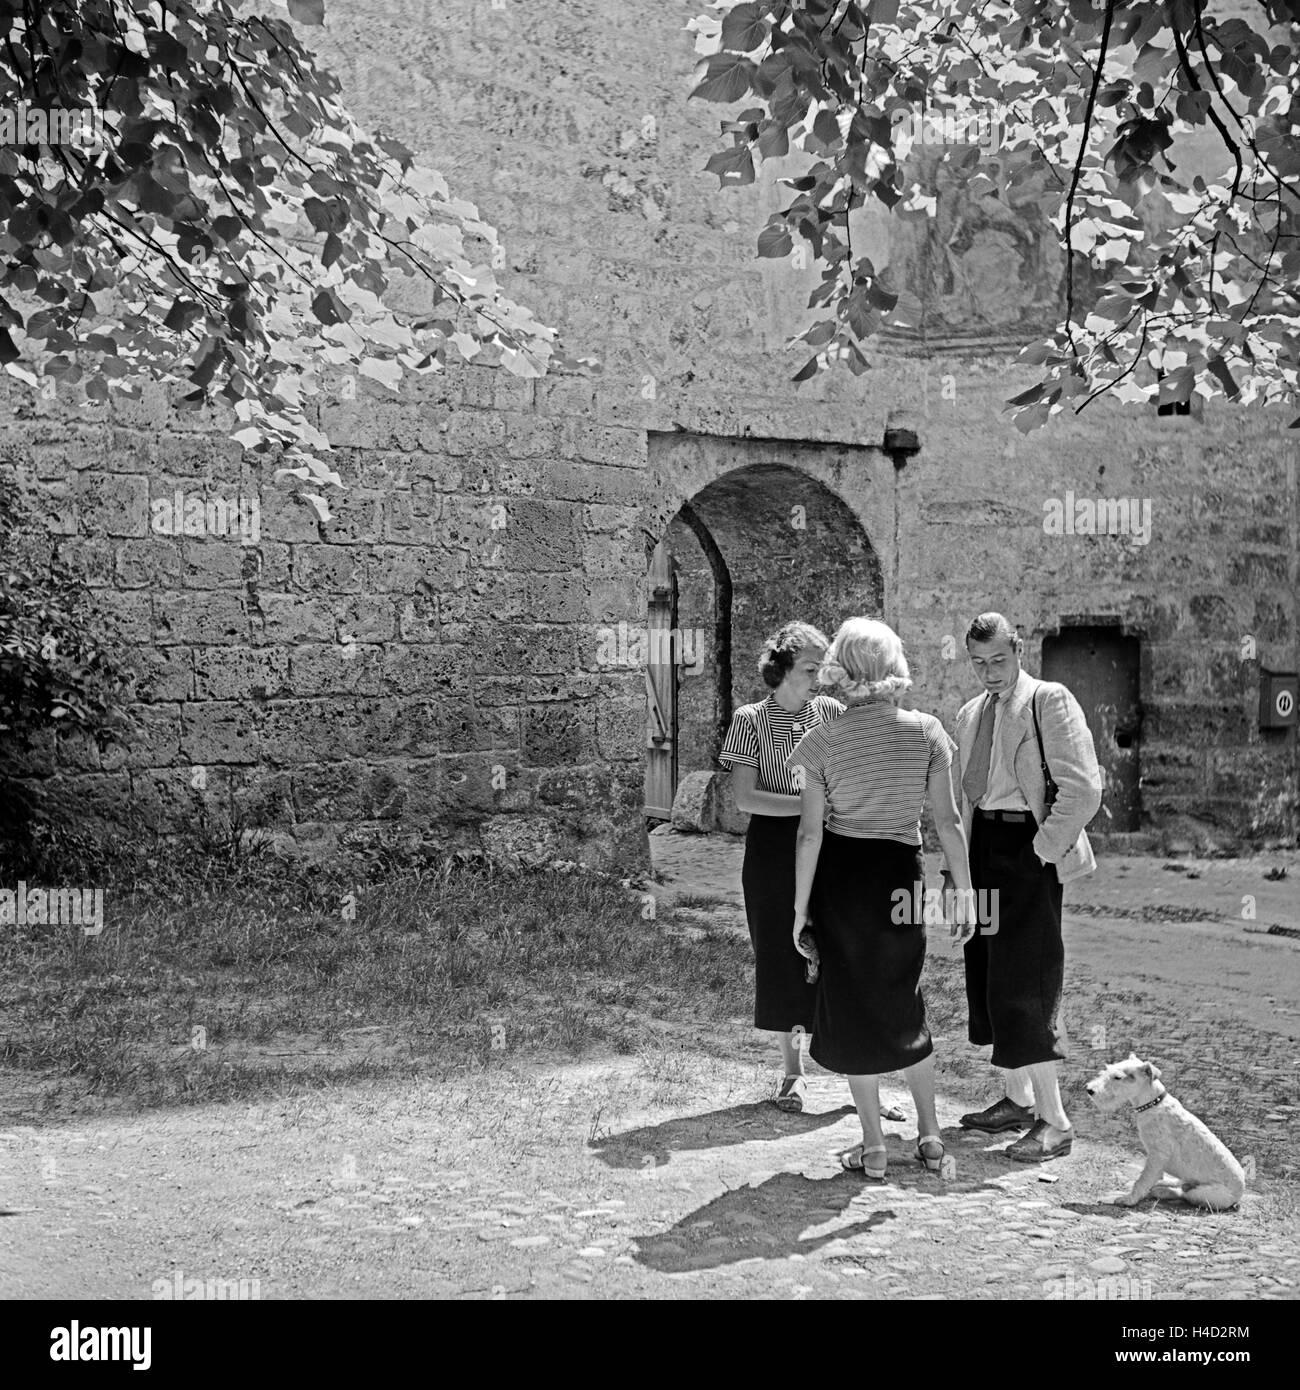 Ein Mann, zwei Frauen und ein Foxterrier vor dem Eingang zu einem mittelalterlichen Gebäude, Deutschland 1930er - Stock Image